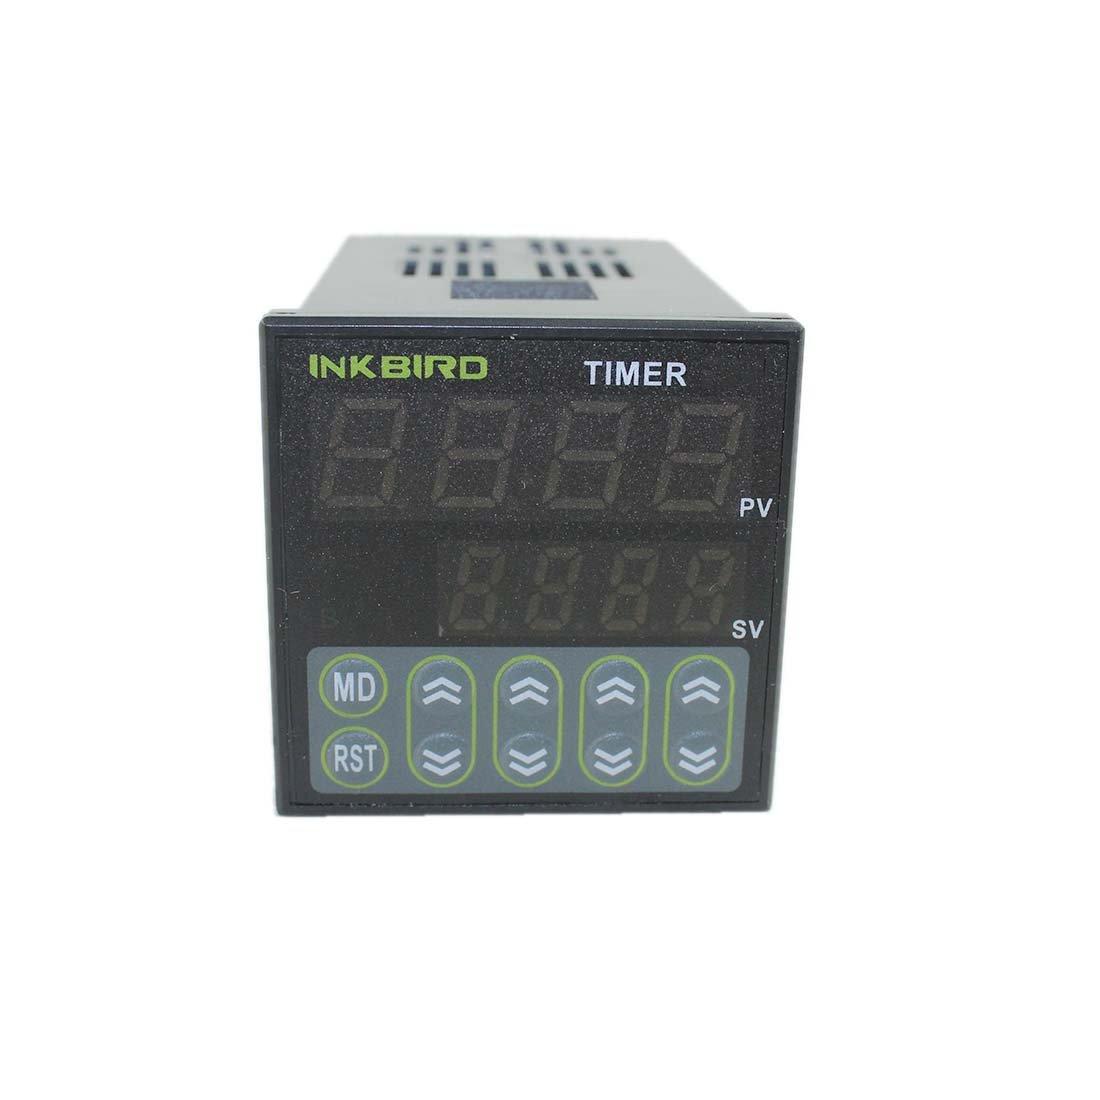 Zeitsteuerung 110-220V IDT-E2RH Inkbird Digitale Twin Relais Timer Schalter Zeitschalter Zeitschaltuhr Ausl/öser Relaisschalter